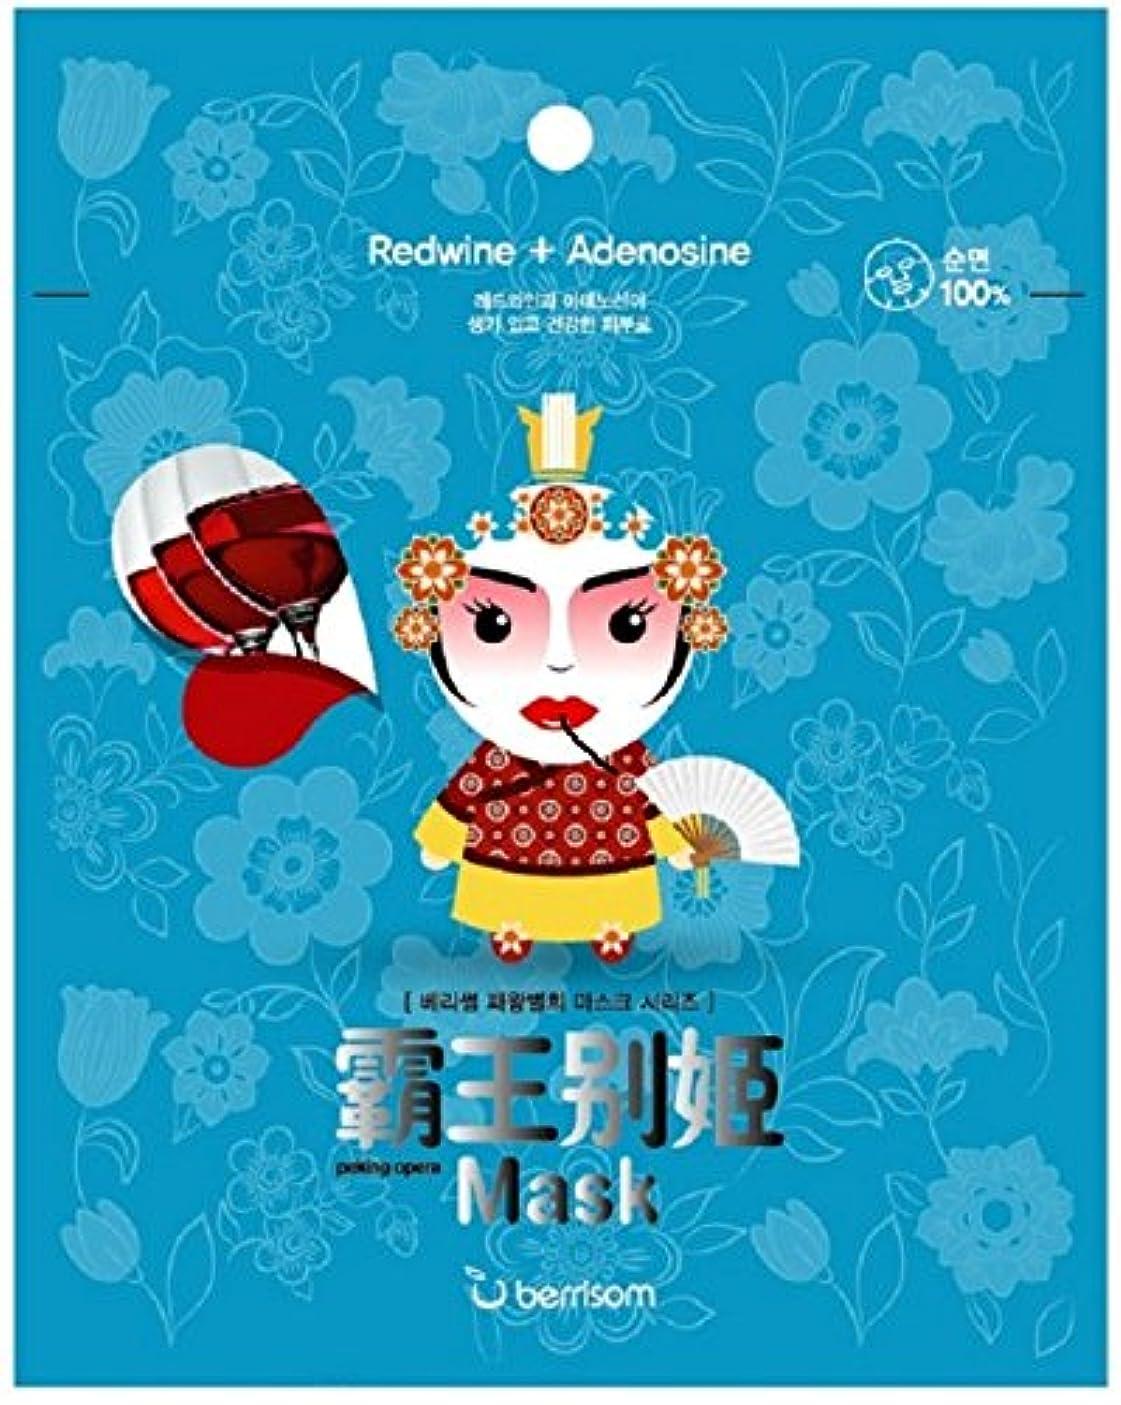 セブン周囲炎上ベリサム(berrisom)Peking Opera mask series #Queen